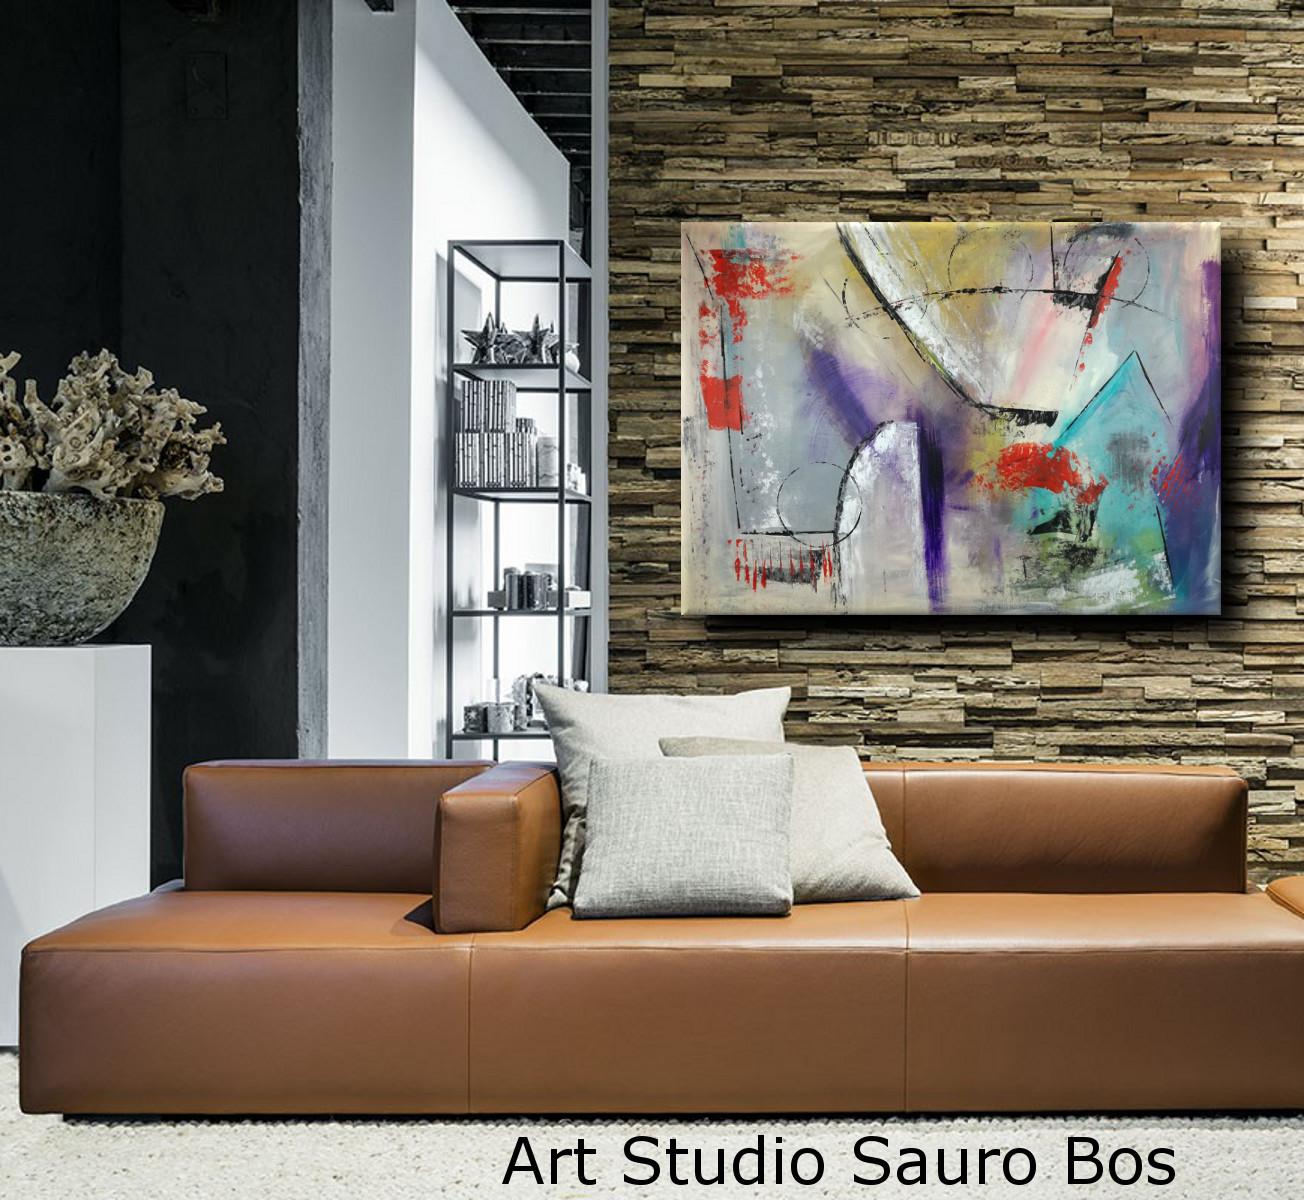 quadri dipinti a amano c015 - quadri moderni per arredamento contemporaneo